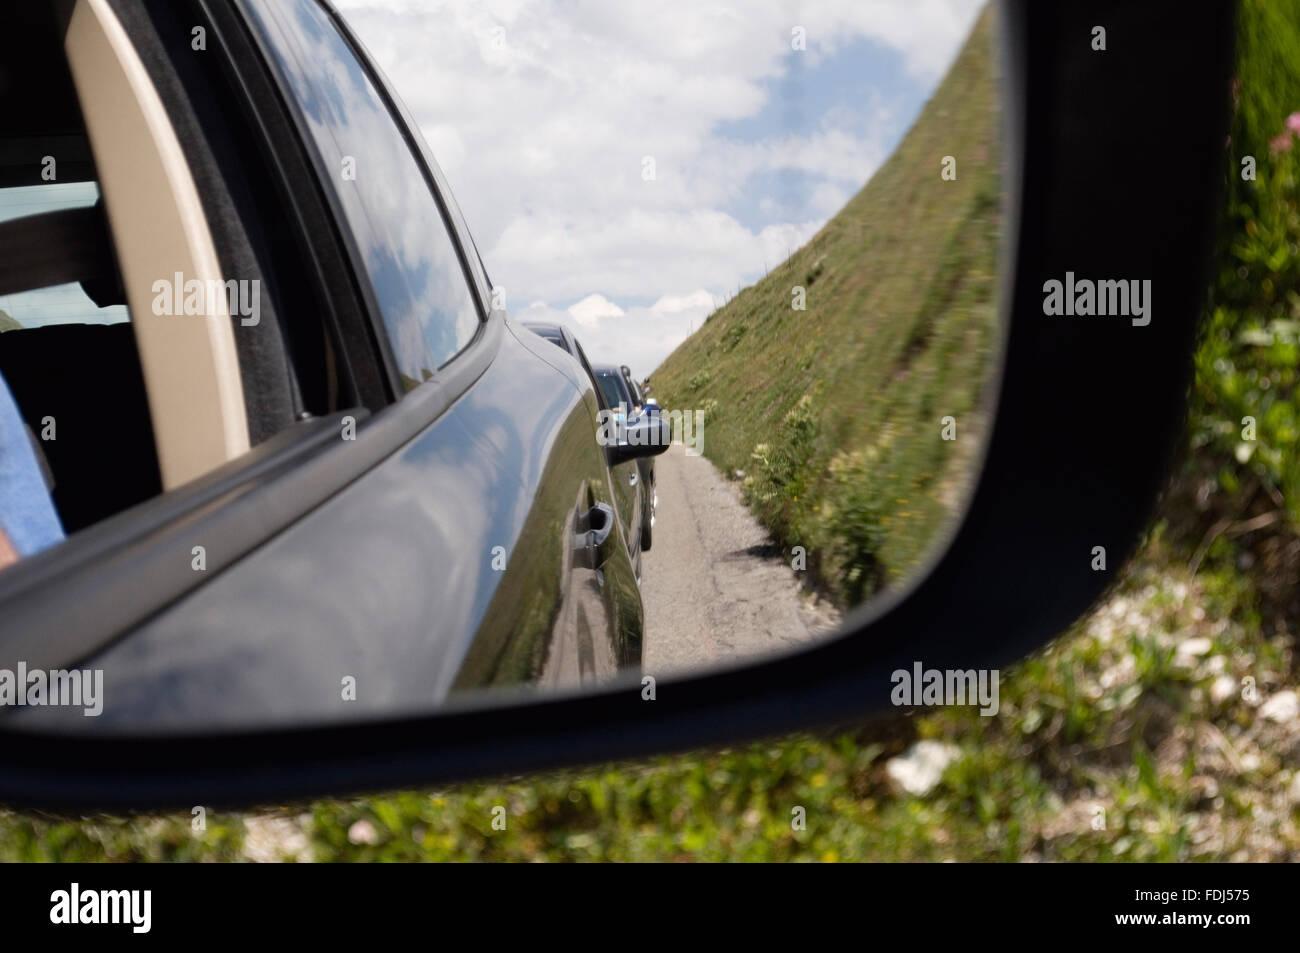 Specchietto specchio auto Immagini Stock